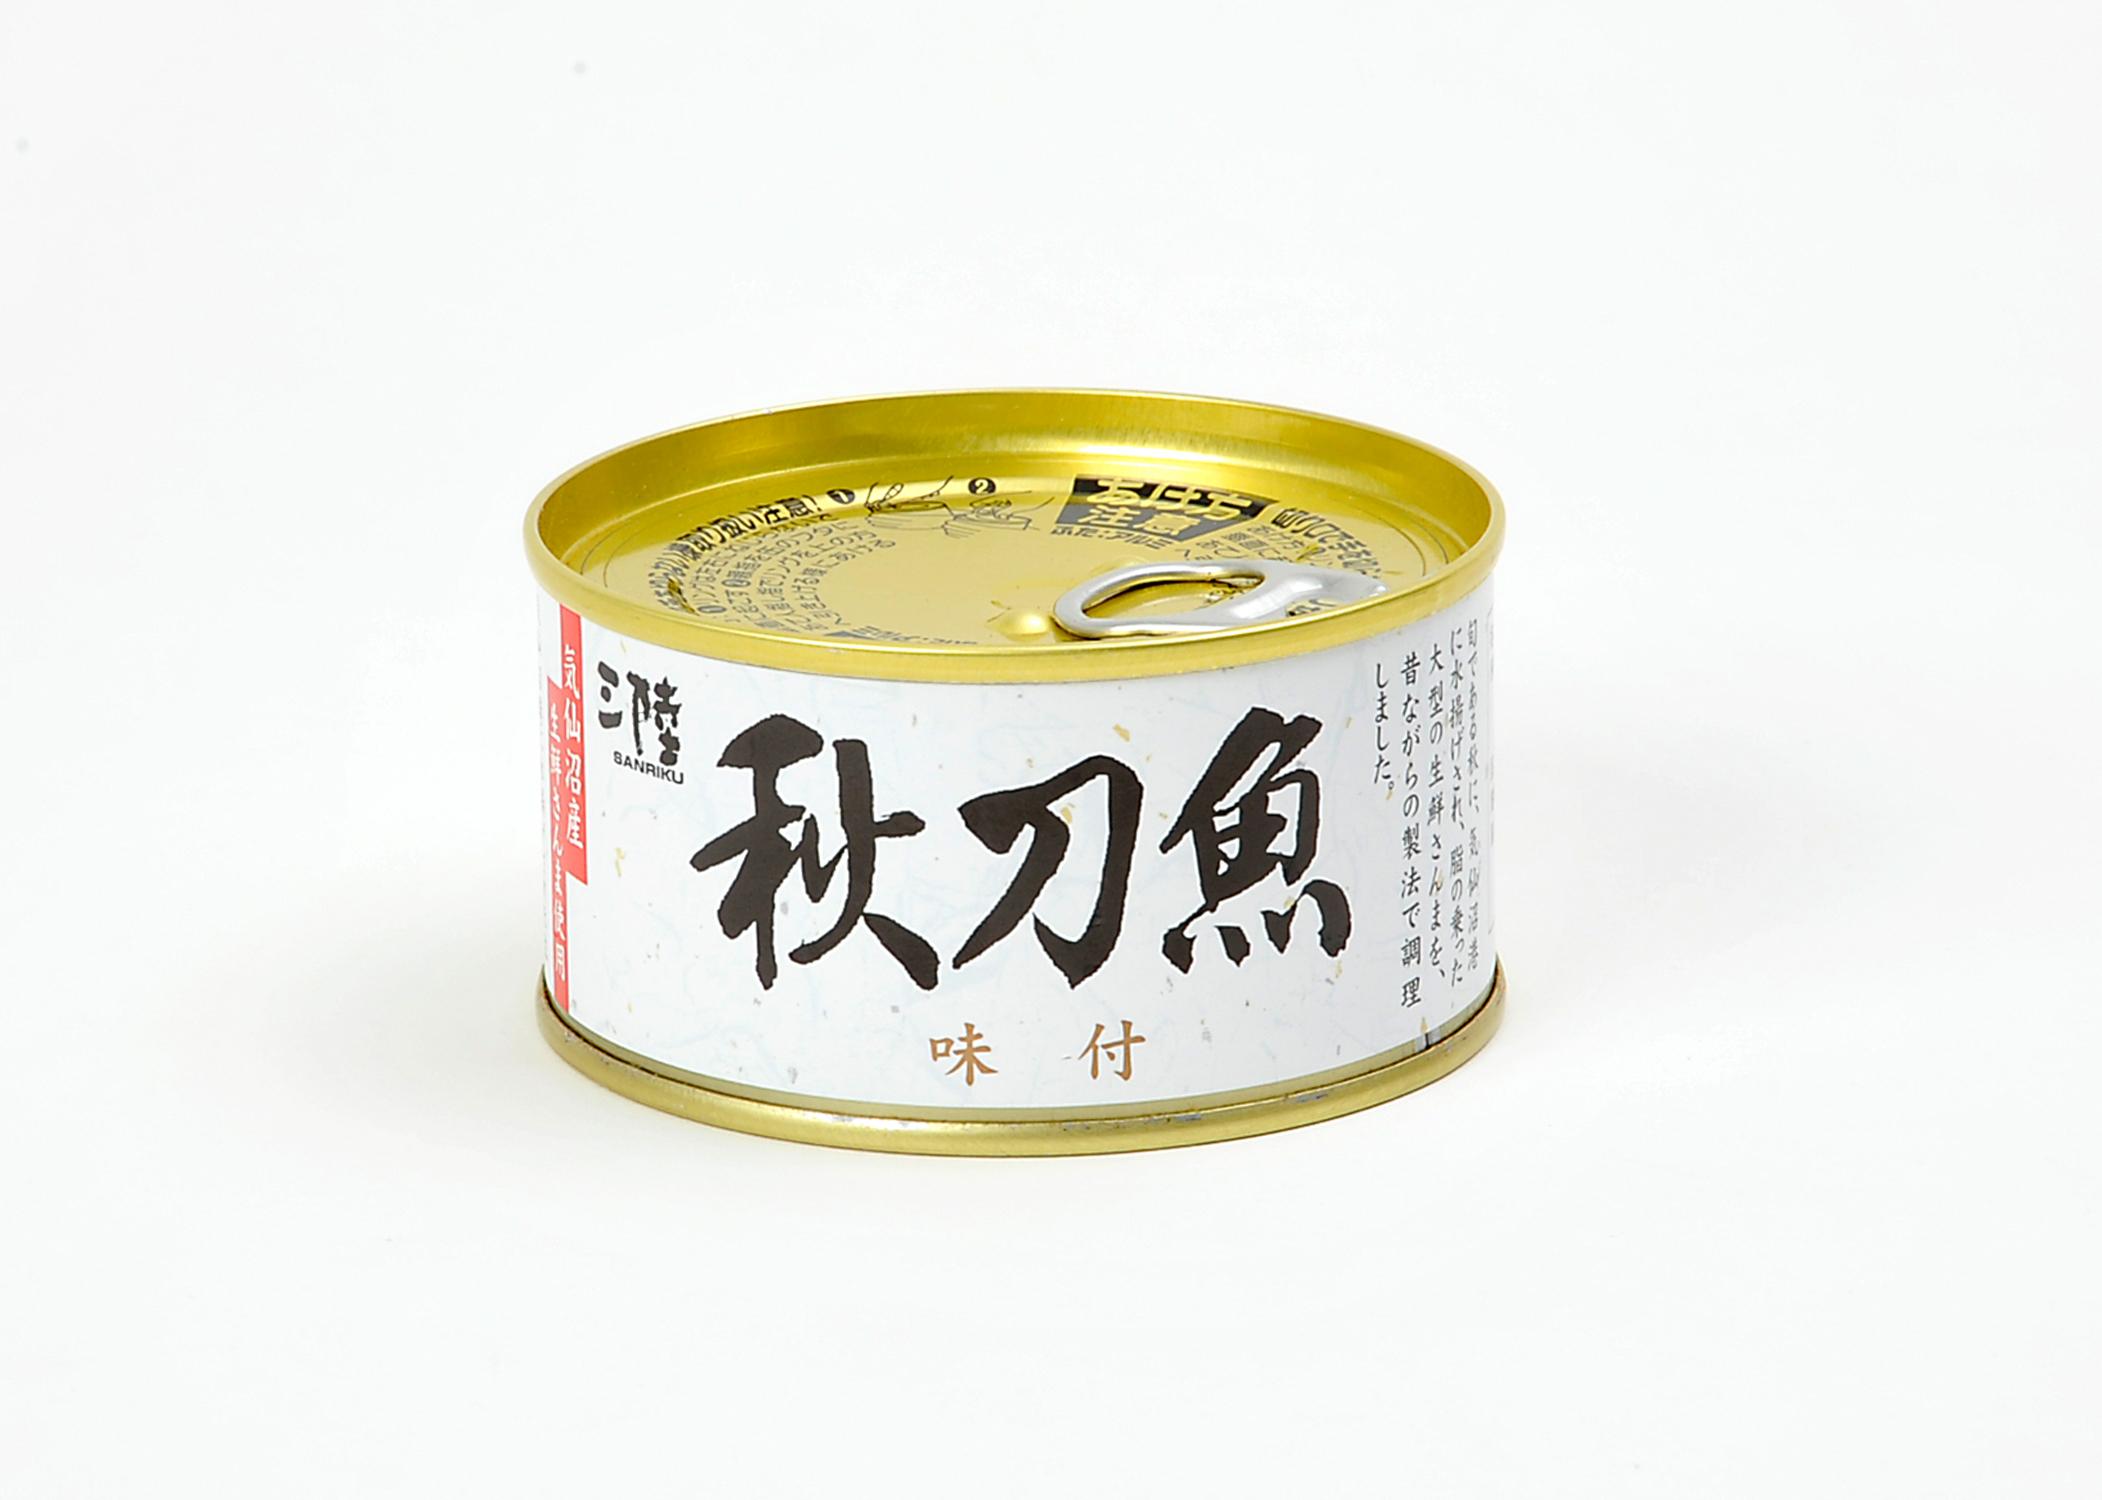 さんま味付01